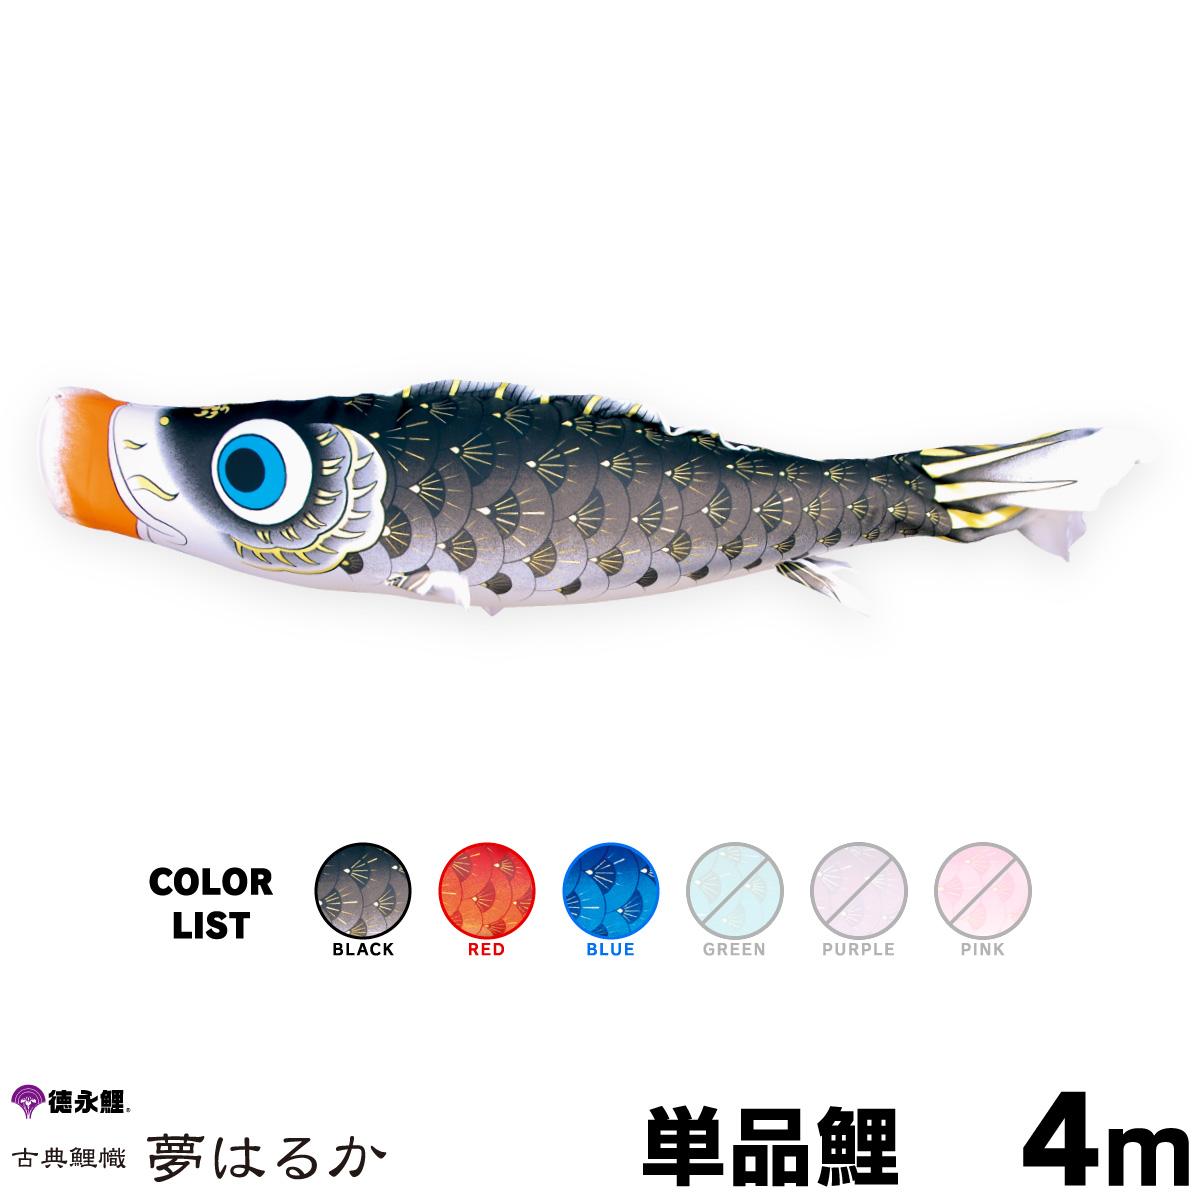 【こいのぼり 単品】 夢はるか 4m 単品鯉 黒 赤 青